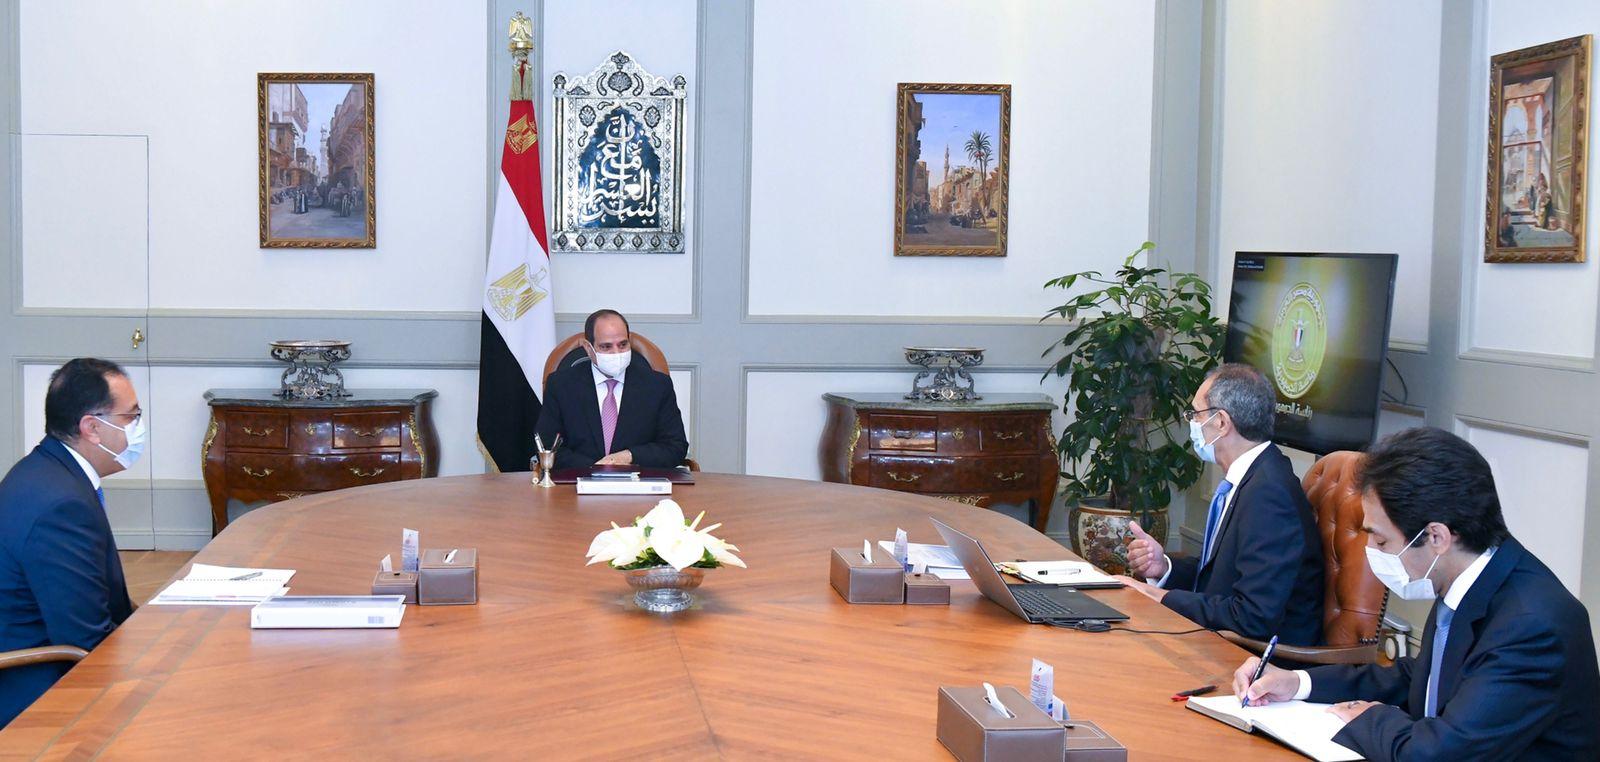 """الرئيس السيسي يتابع المشروعات الإستراتيجية الخاصة بقطاع """"الاتصالات وتكنولوجيا المعلومات"""""""